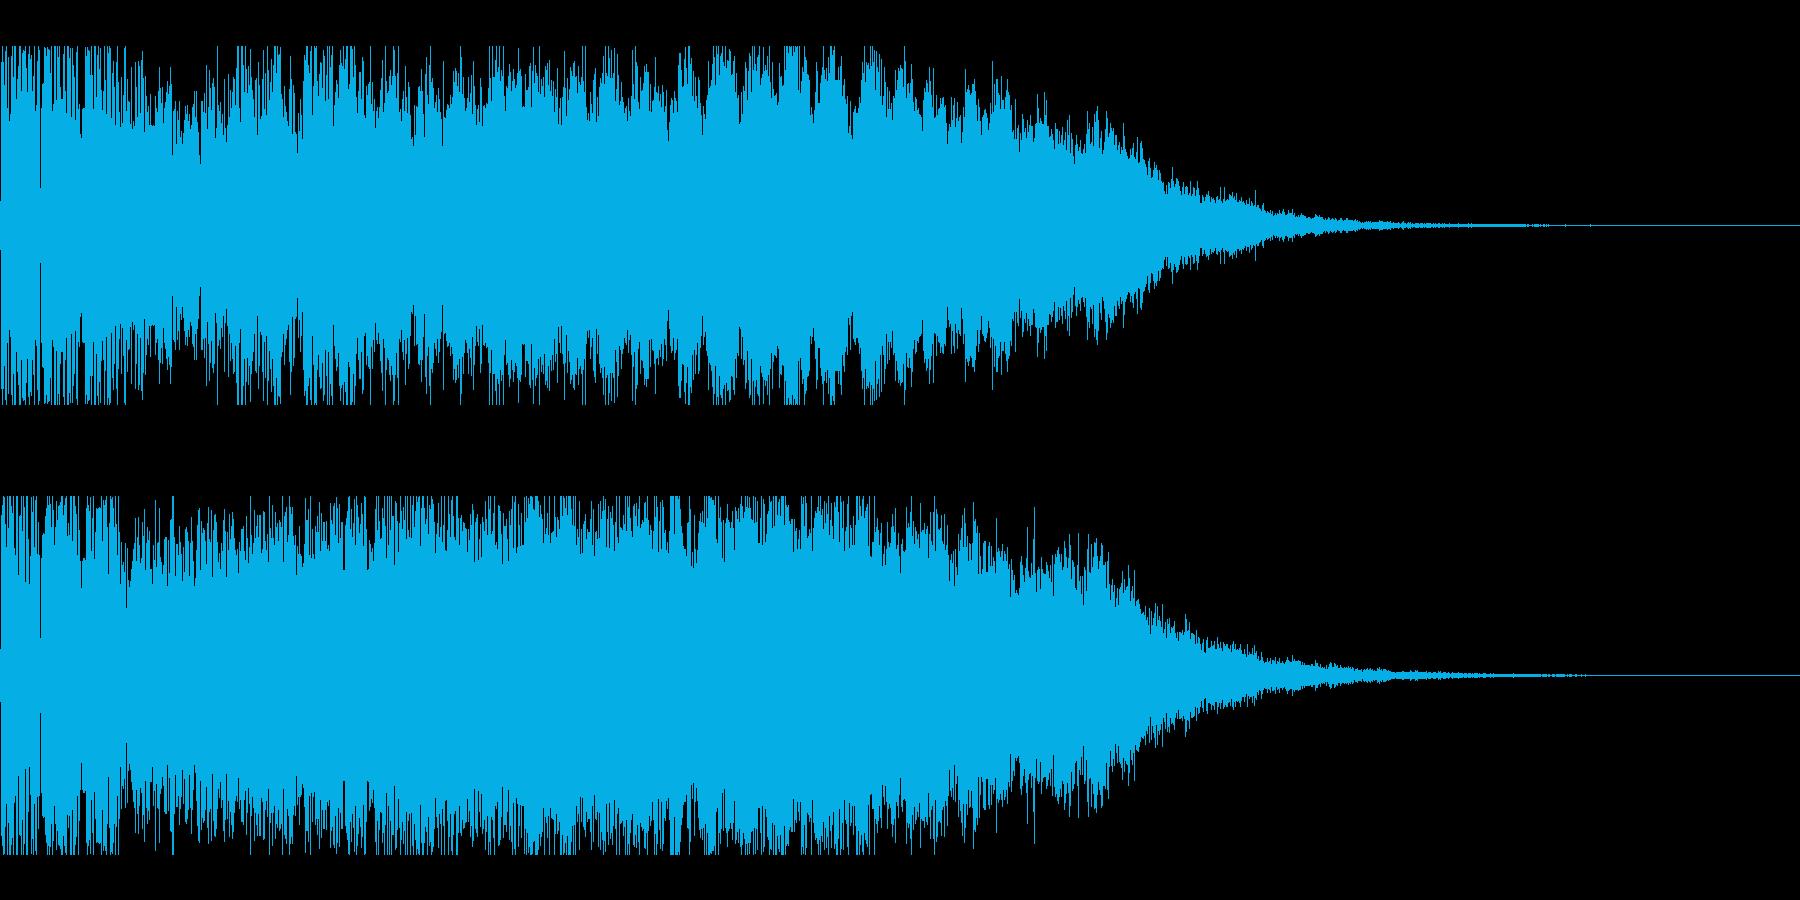 パチンコの大当たり確定インパクト音の再生済みの波形